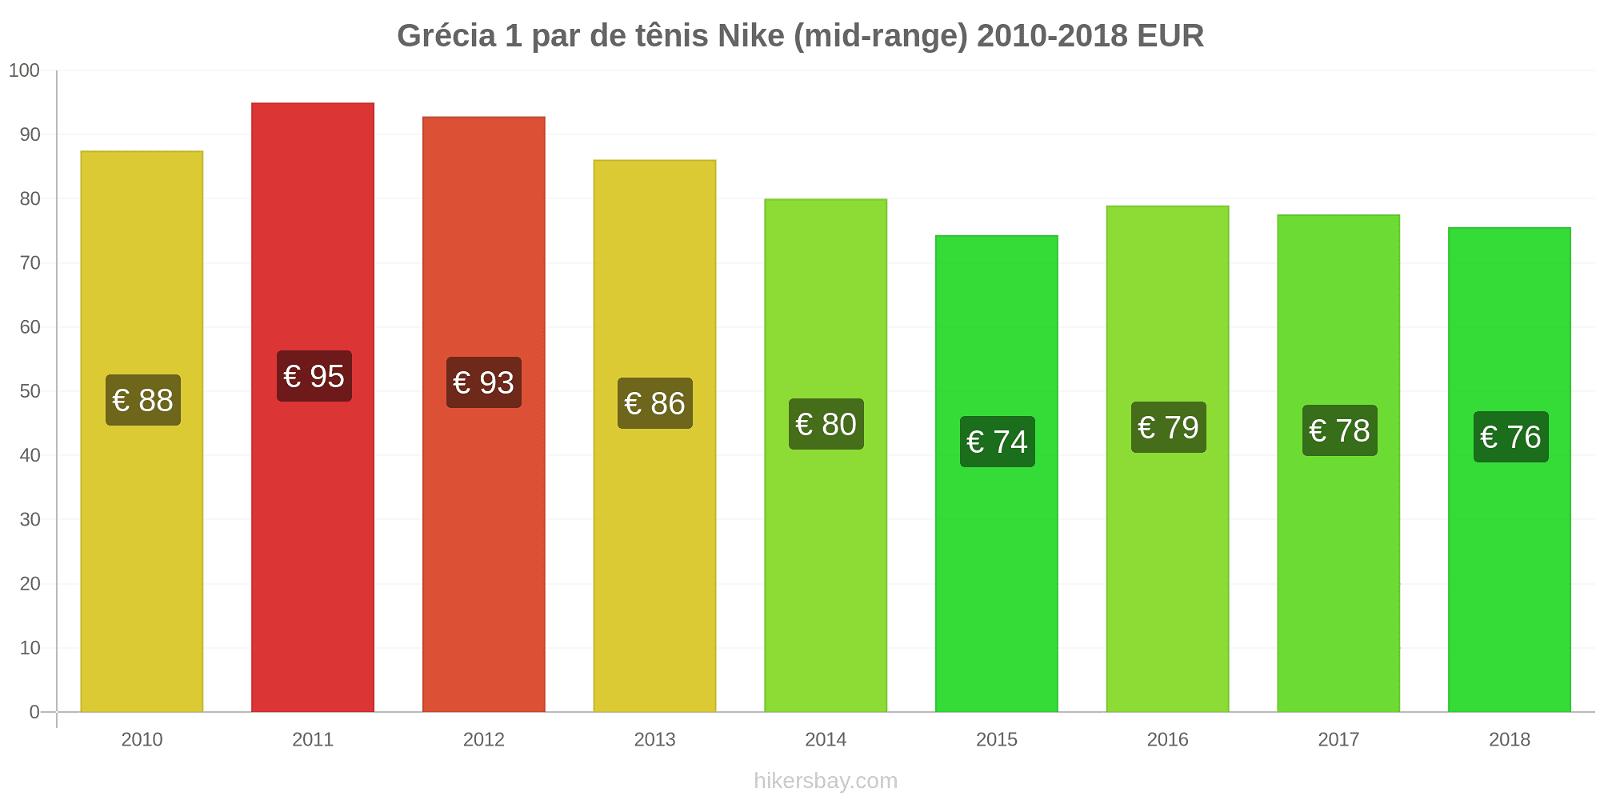 Grécia variação de preço 1 par de tênis Nike (mid-range) hikersbay.com